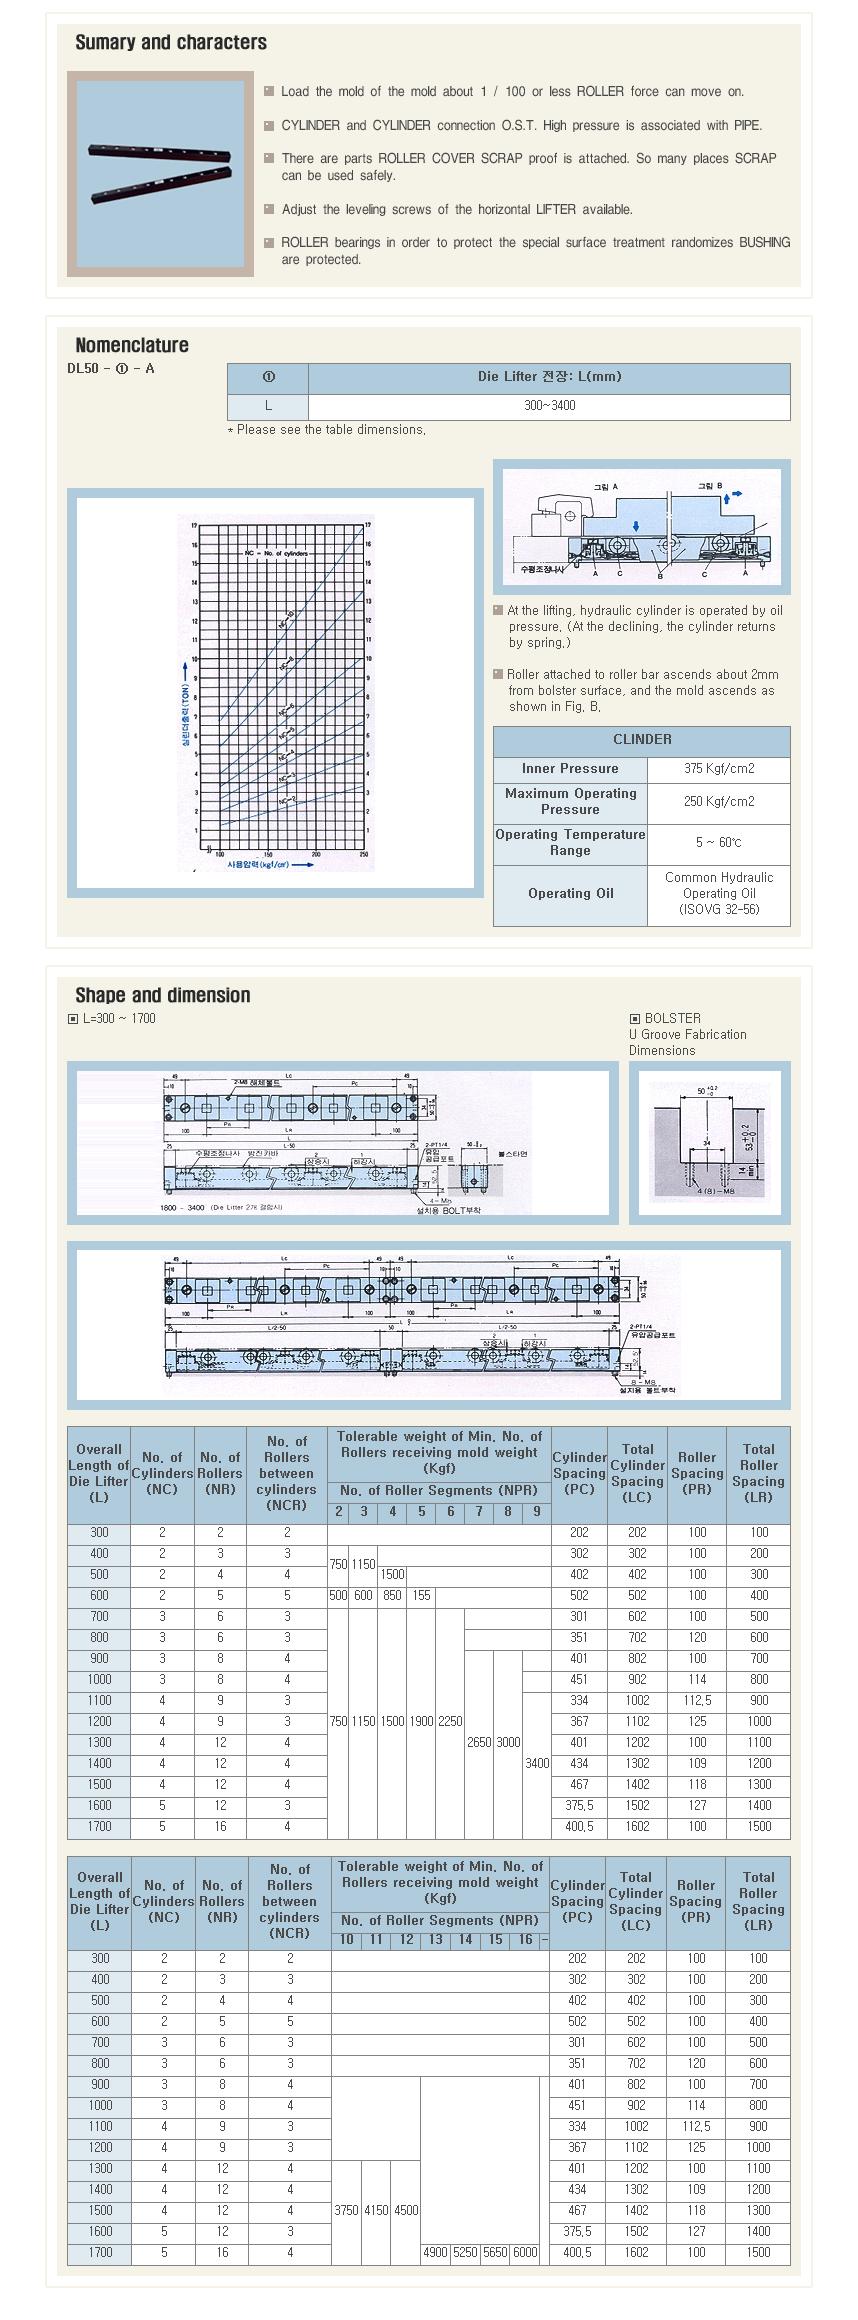 Taedo System Die Lifter DL-50